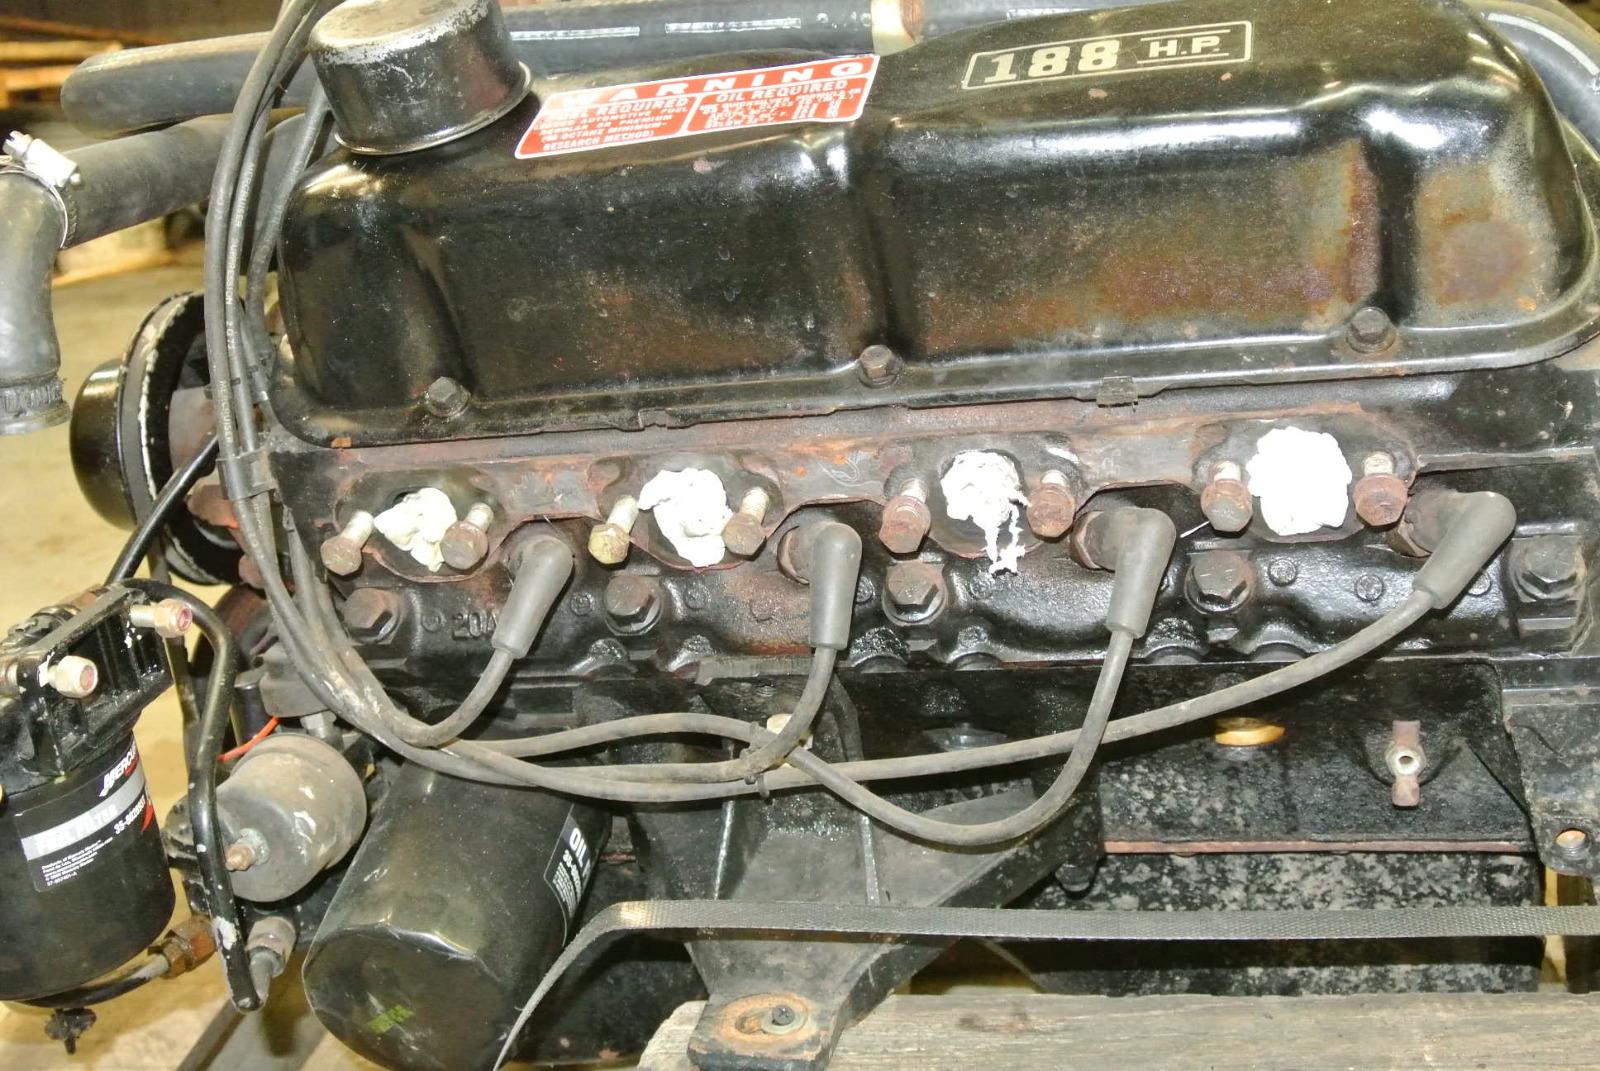 mercruiser 5.0 engine v8 ford 302 motor 1977 888 188hp coil wiring diagram 1974 mercruiser 888 302 140 mercruiser coil wiring diagram #6